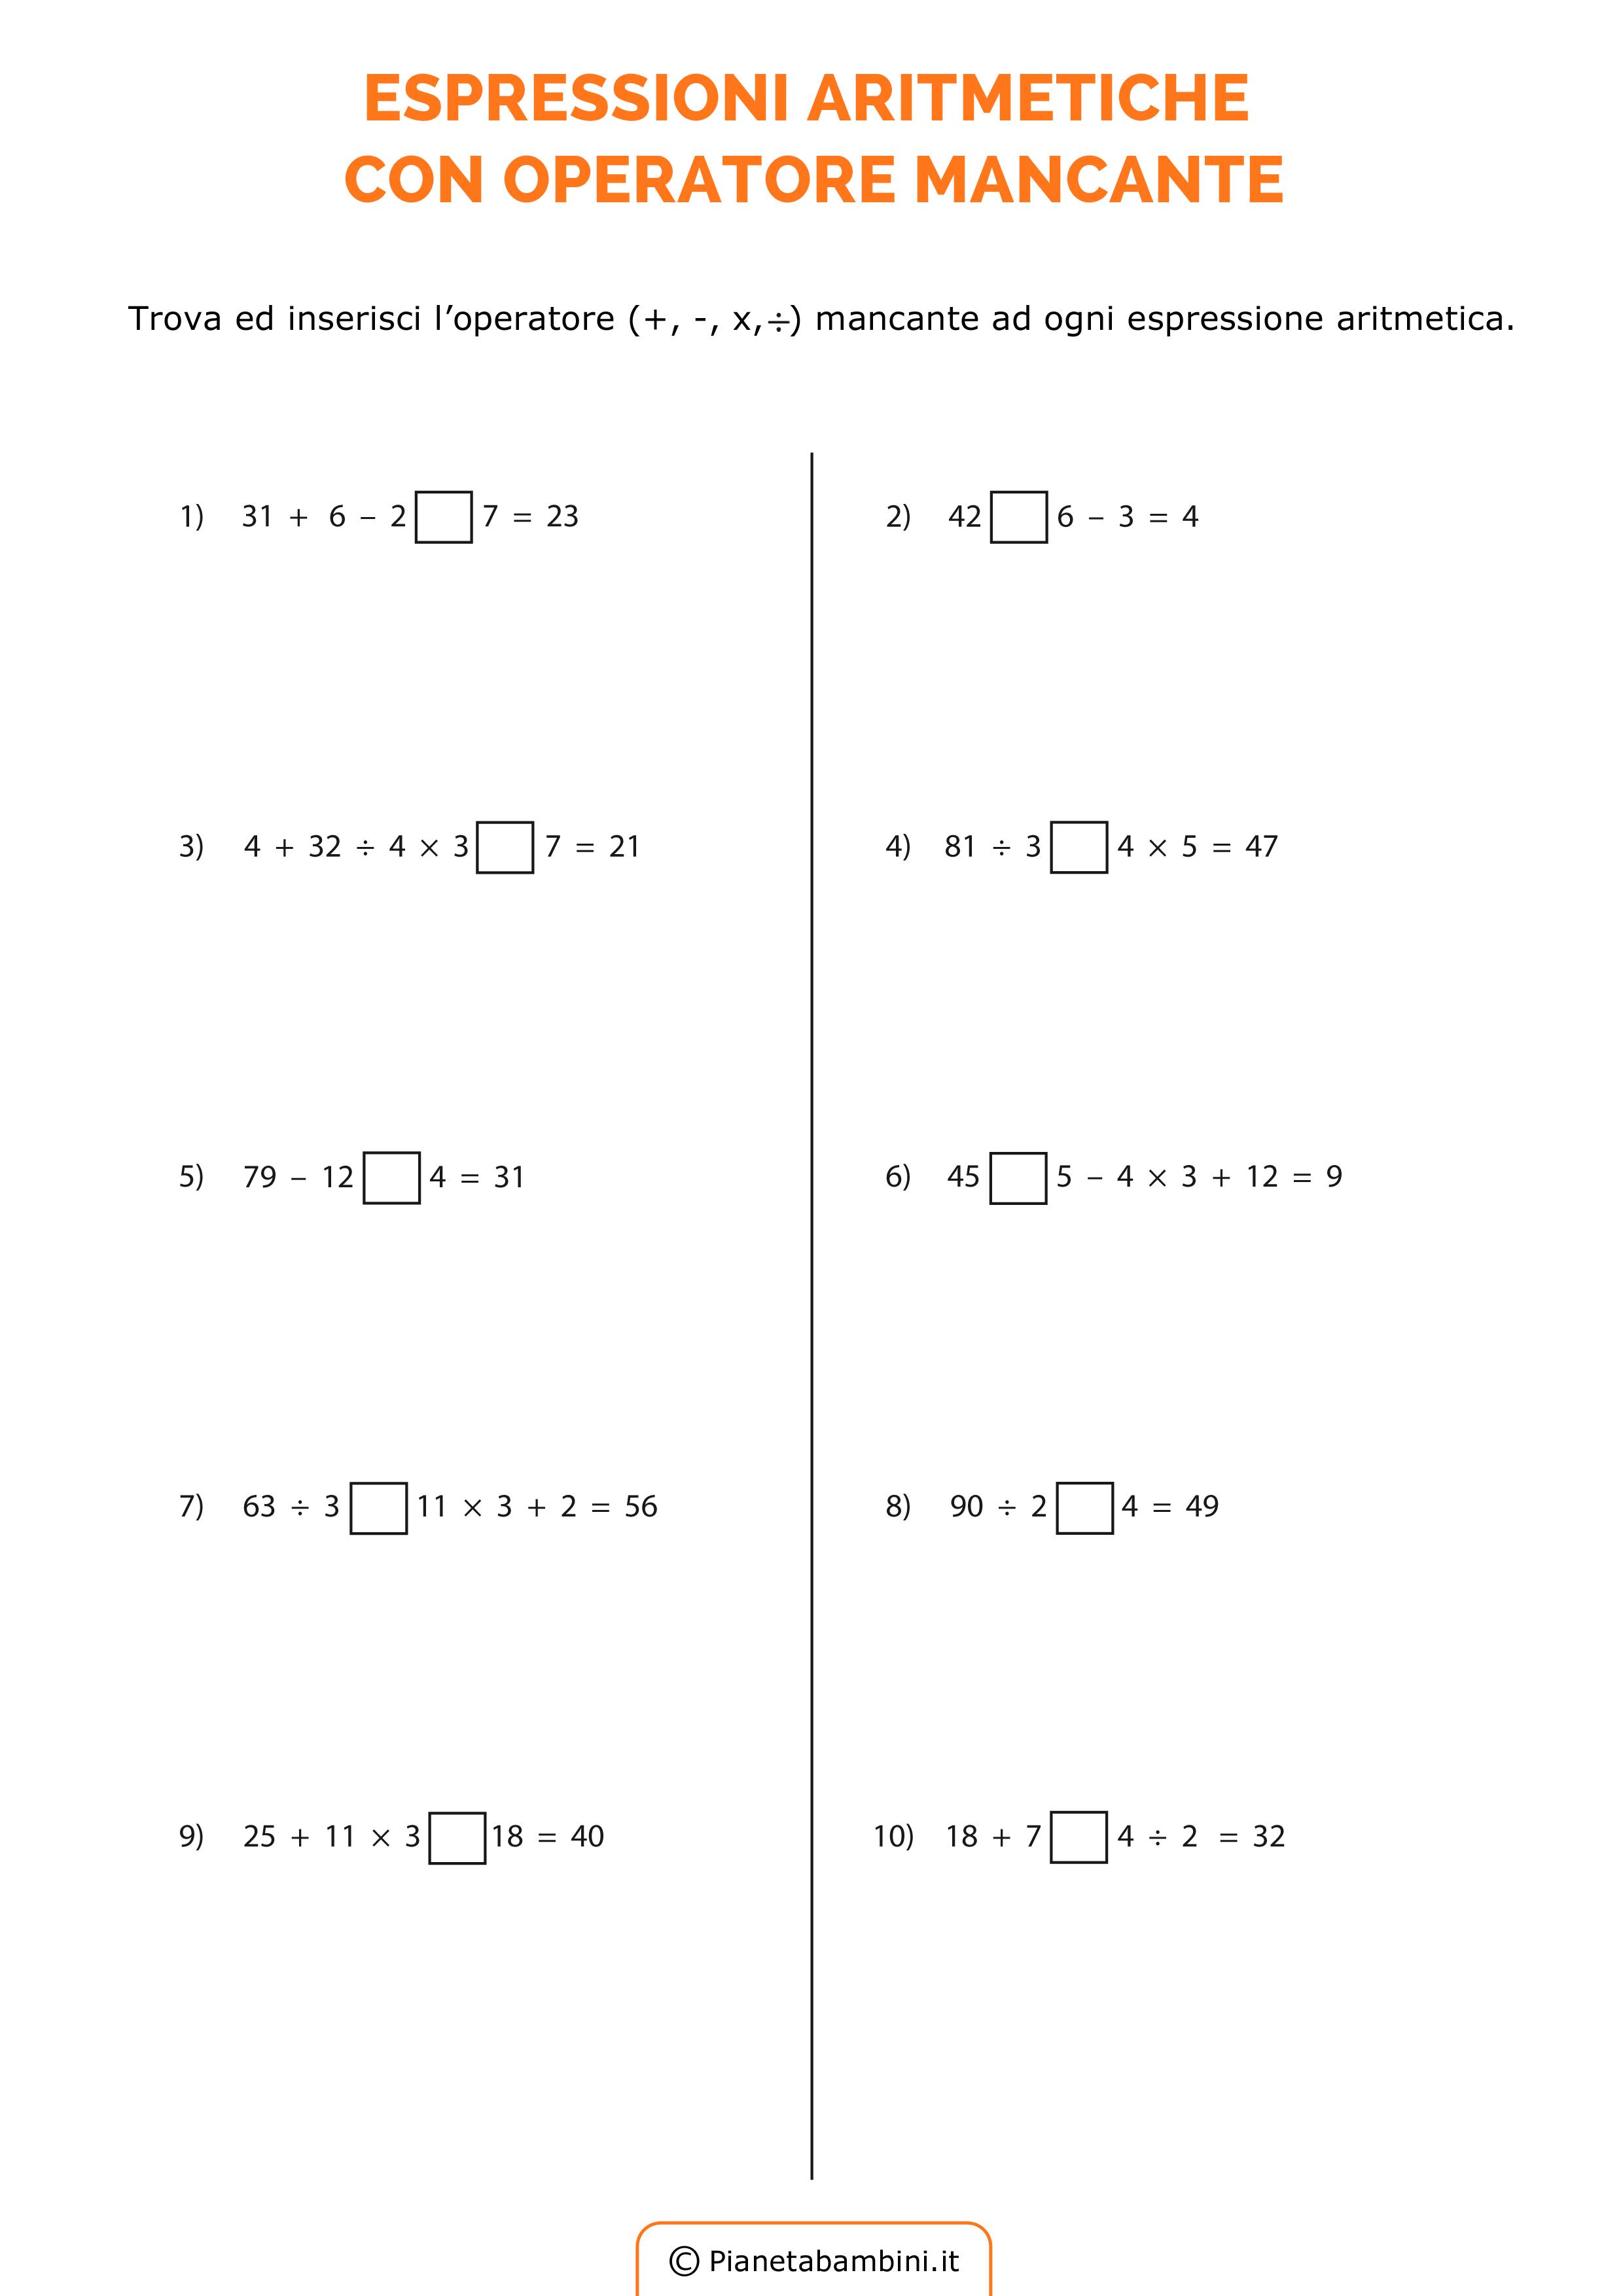 Esercizi-Espressioni-Operatore-Mancante_3